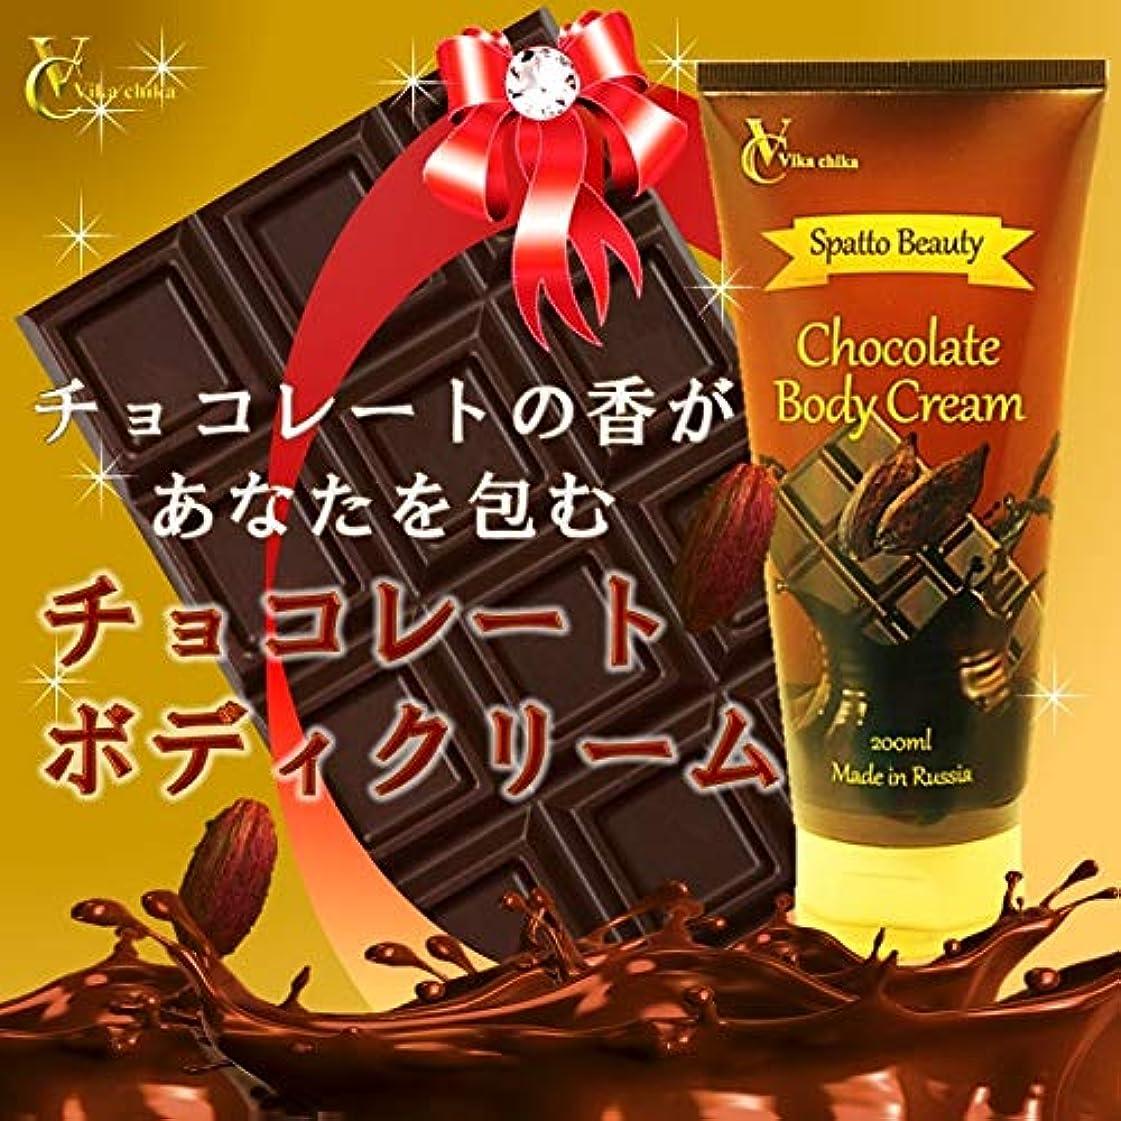 主人クローン世界的にビッカチカ スパッと ビューティ チョコレートボディクリーム 200ml